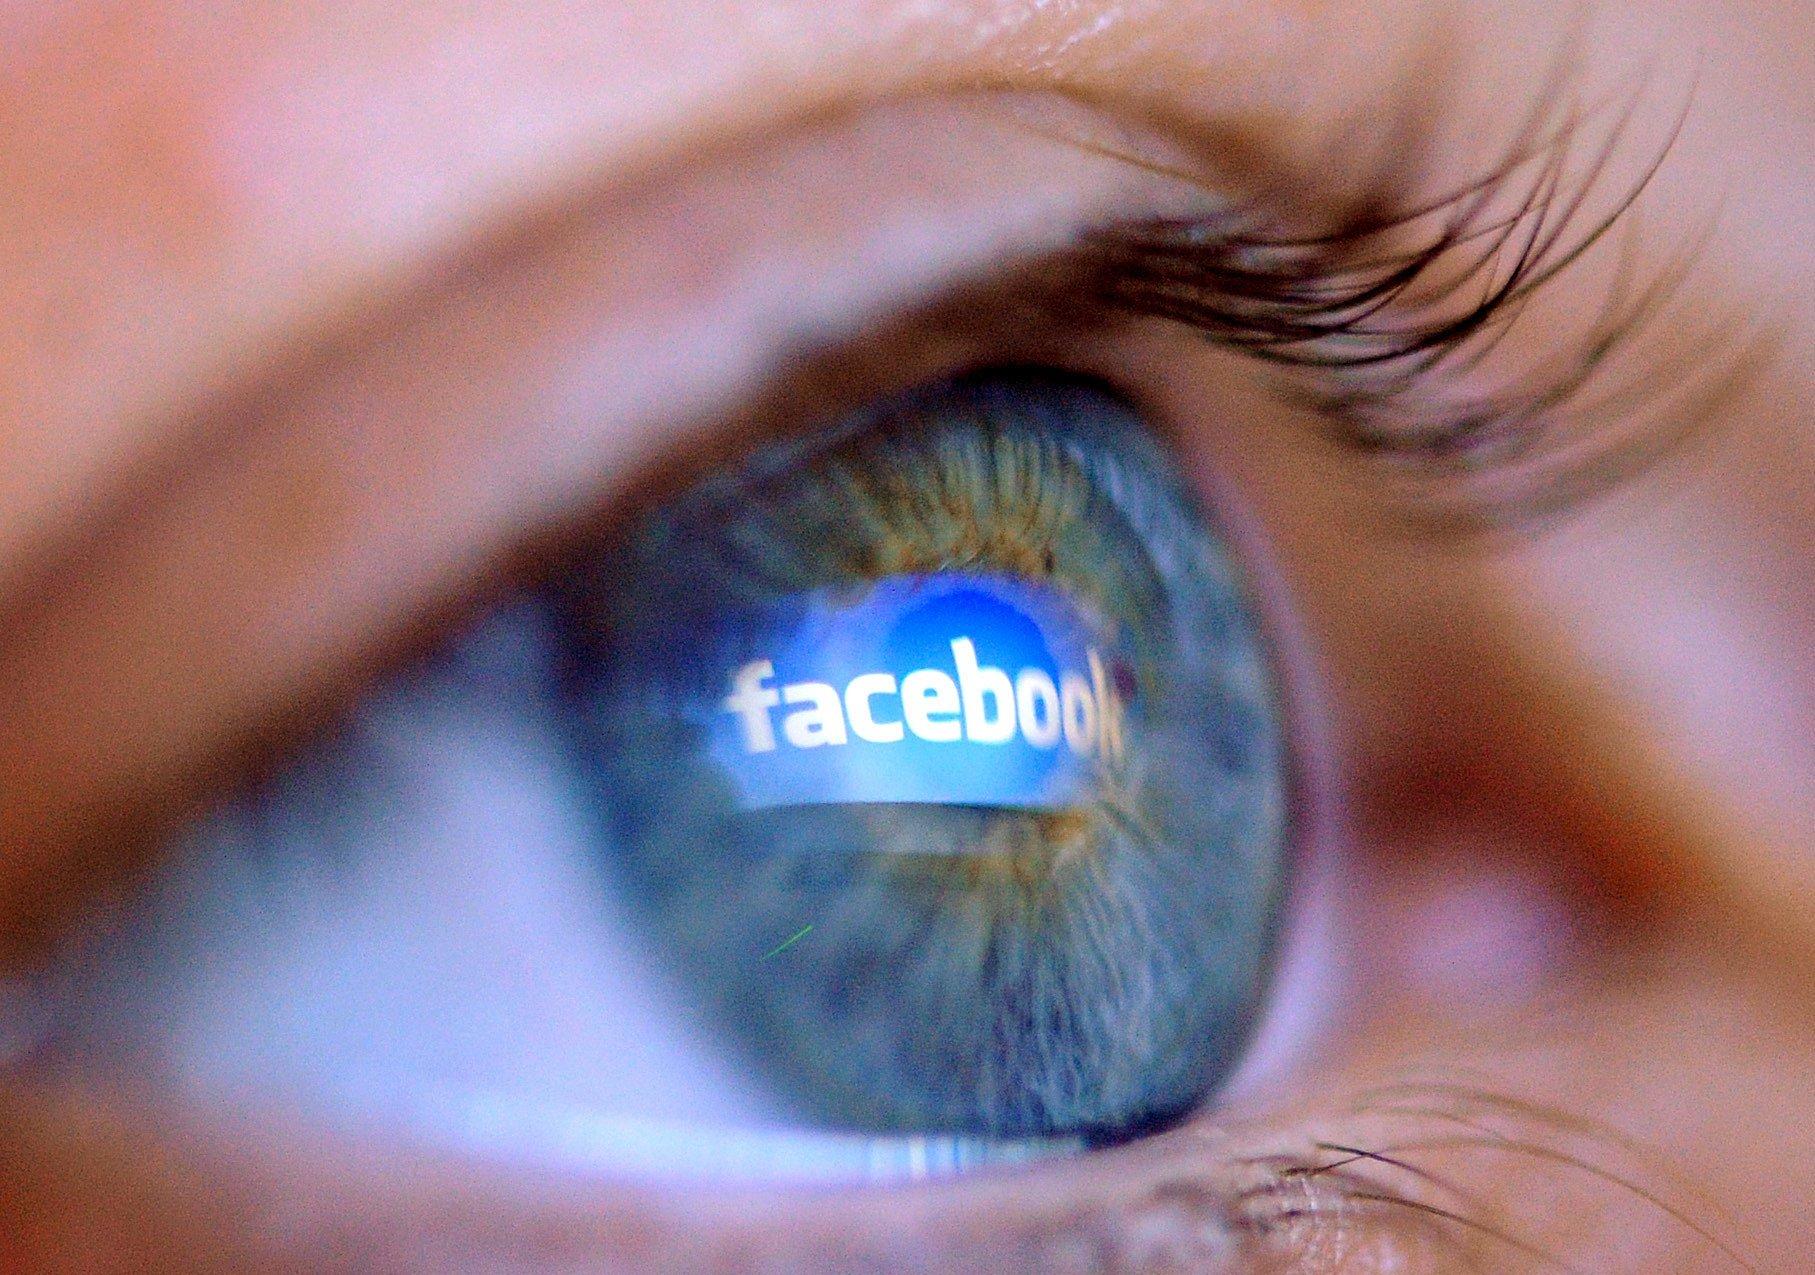 """In Großbritannien sind nach einer offiziellen Stellungnahme des Innenministeriums prinzipiell beinahe sämtliche Internetplattformen wie Facebook, Youtube oder Twitter Zonen """"externer Kommunikation"""" und somit nicht gesetzlich vor Überwachung geschützt."""